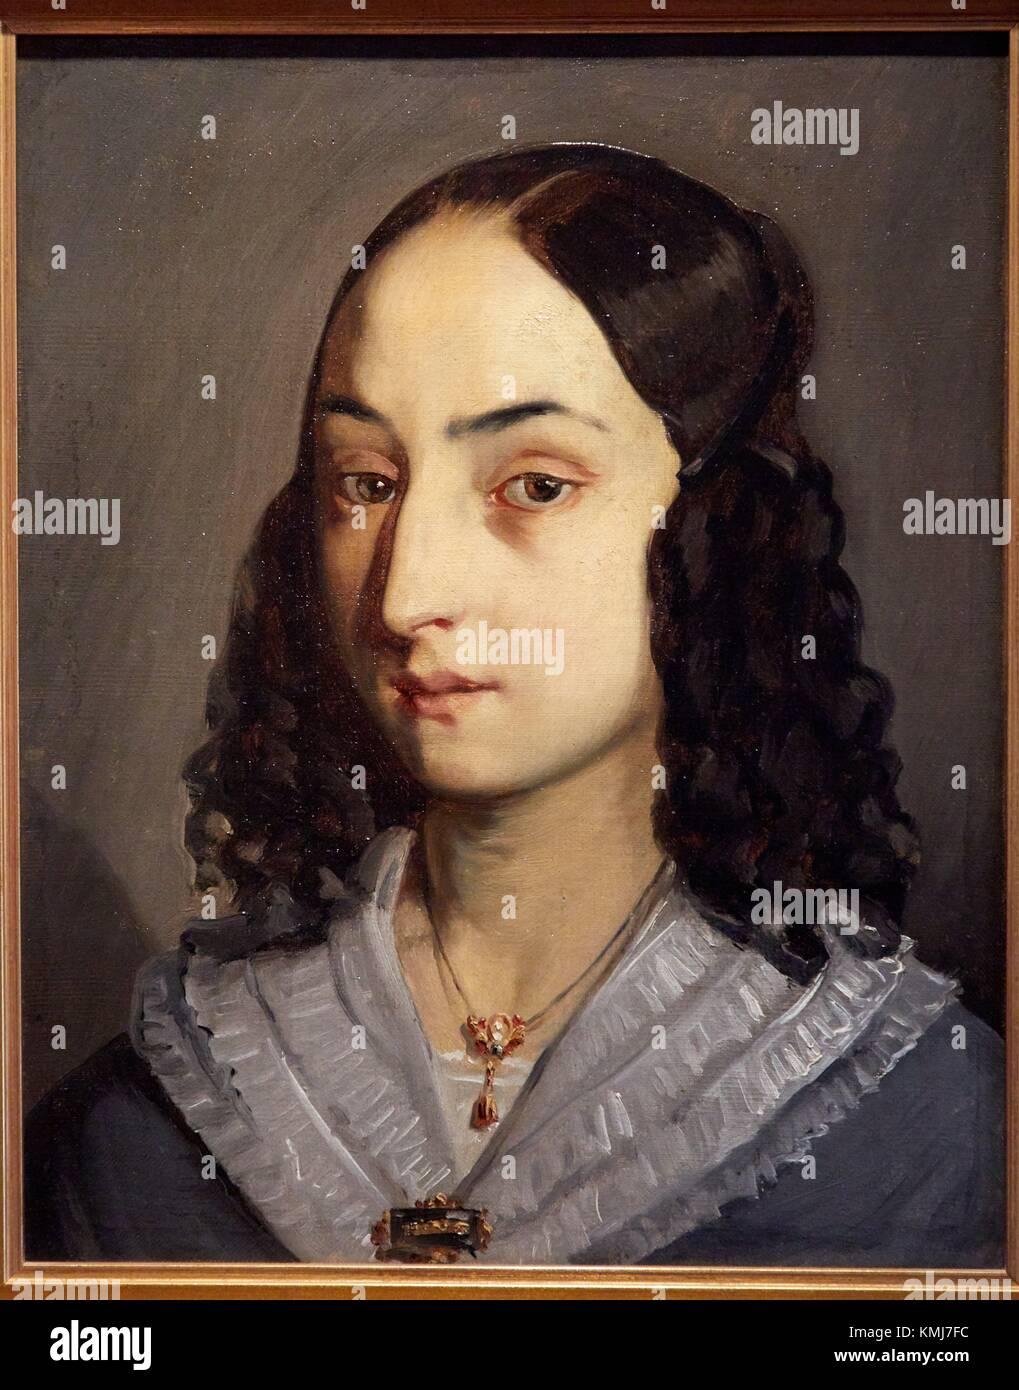 Portrait de Jeanne Doré,1840, Jean-François Millet, Musée d'Art Moderne, Troyes, Champagne-Ardenne, Photo Stock